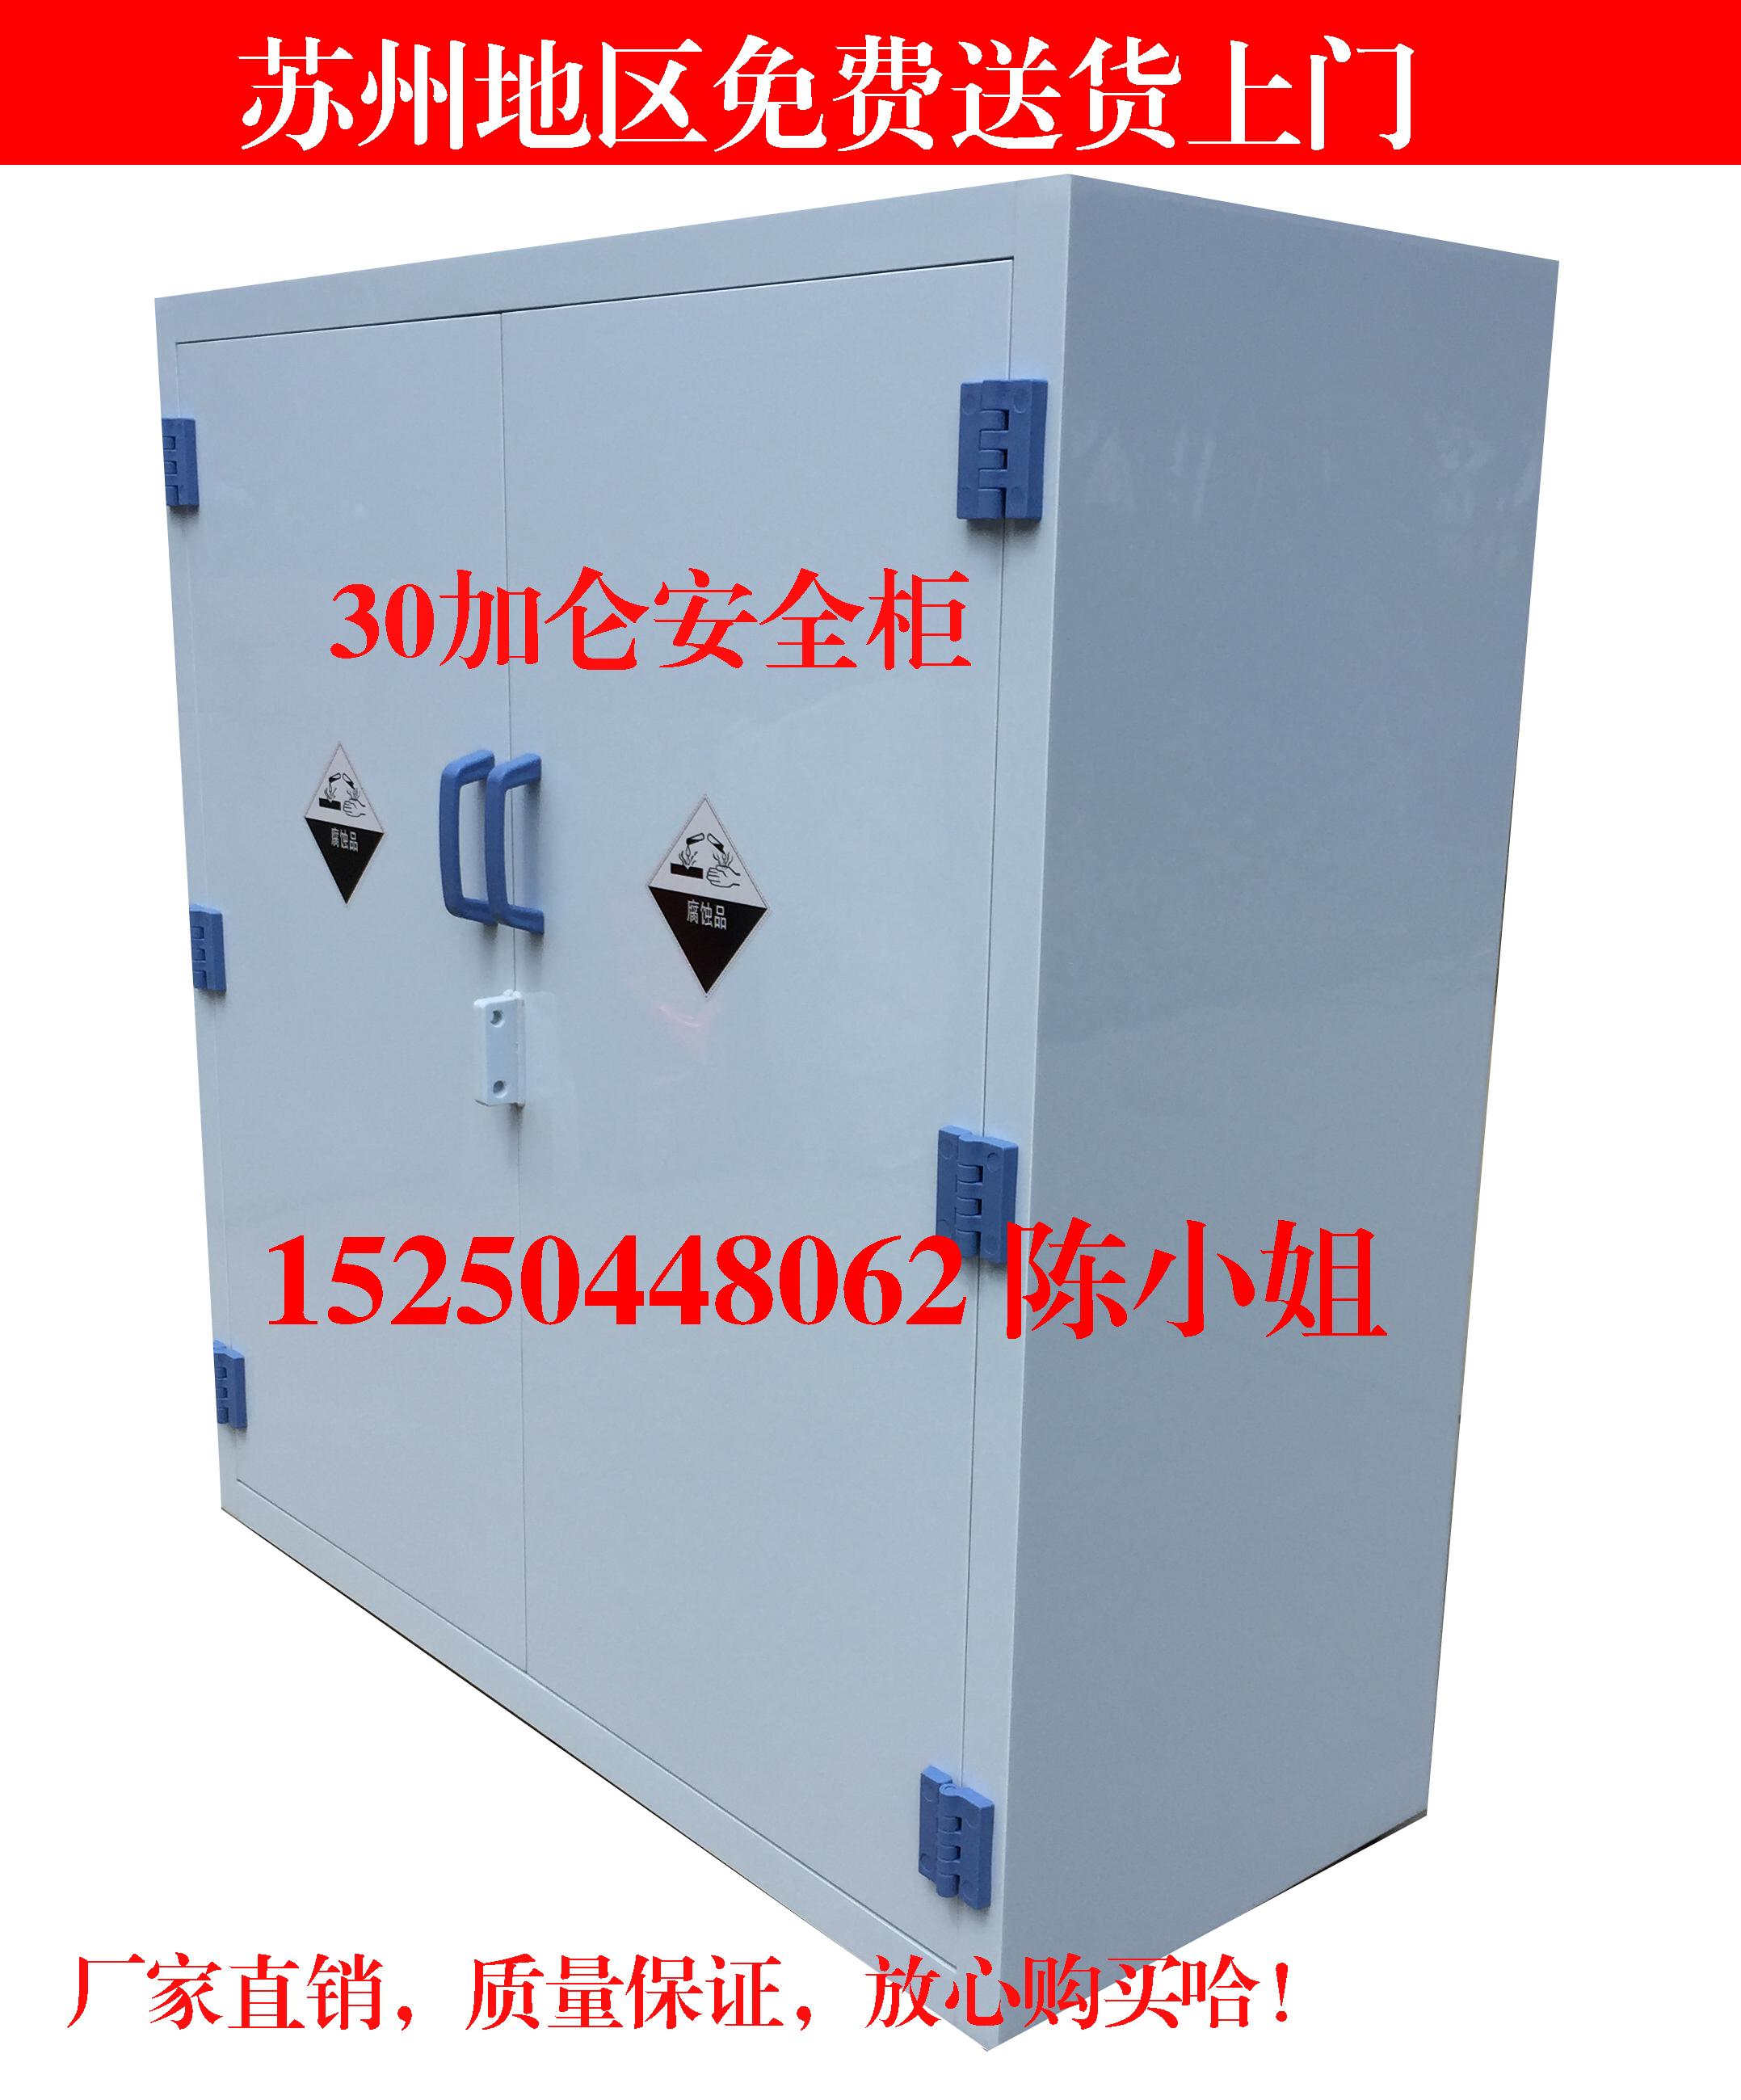 Armário armário de 30 litros de ácido sulfúrico Concentrado (ácido clorídrico entrega armário armário de produtos químicos de laboratório EM Suzhou